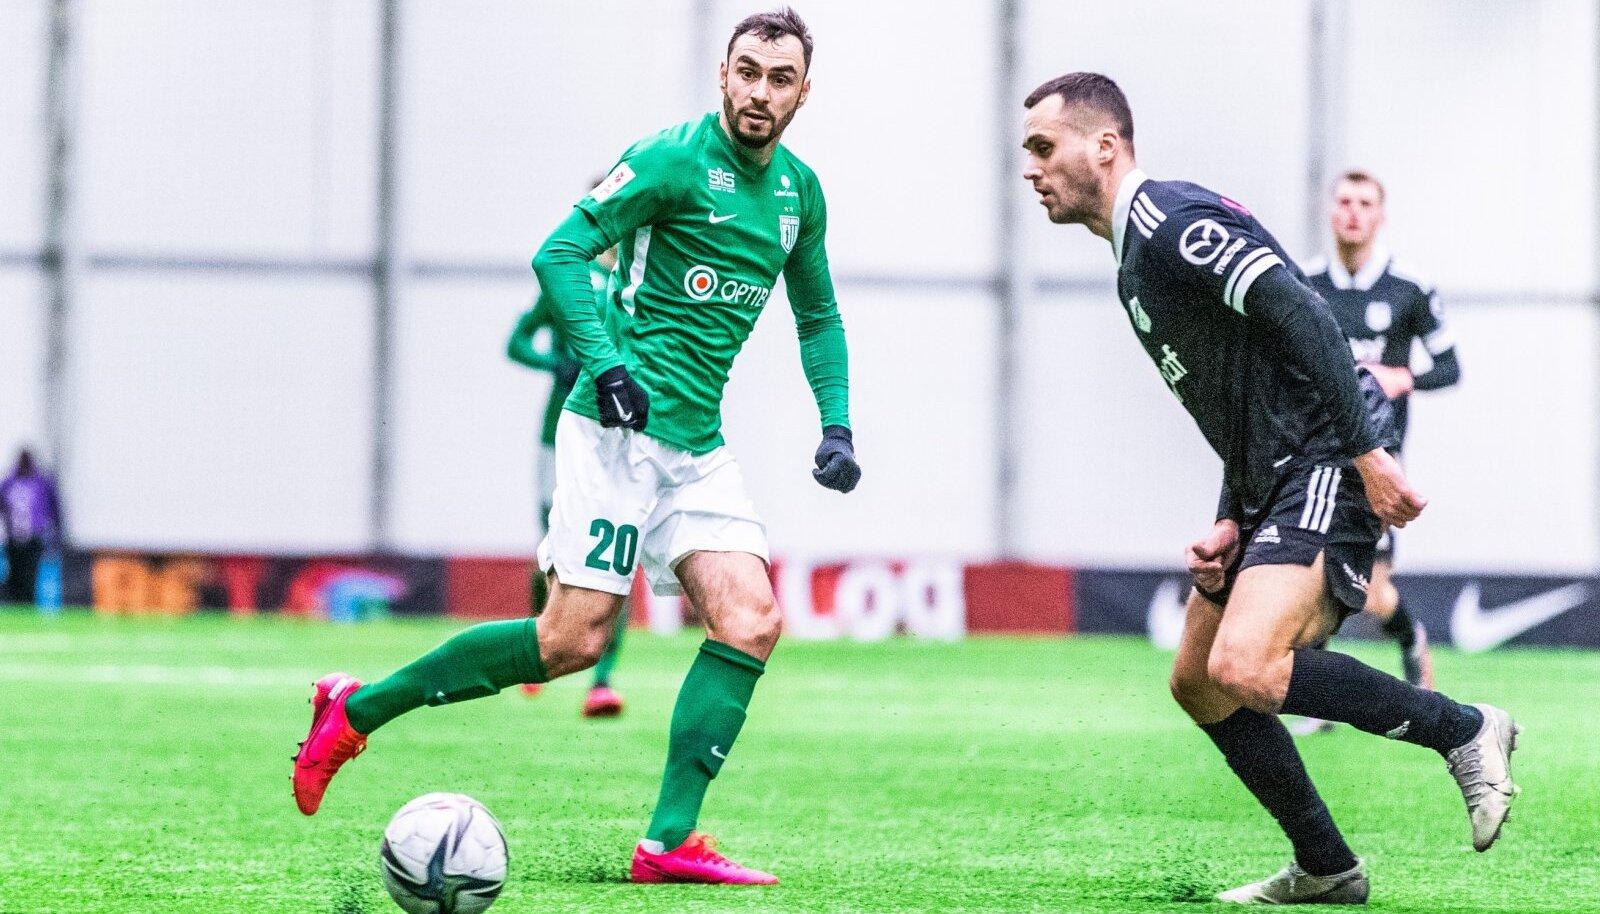 Sergei Zenjov (nr 20) on ilmselt nimekaim mängumees, kes sel talvel Eesti liigasse naasis. Viimaste aastate värbamisstrateegiat arvestades on igati loogiline, et ta maandus FC Floras.